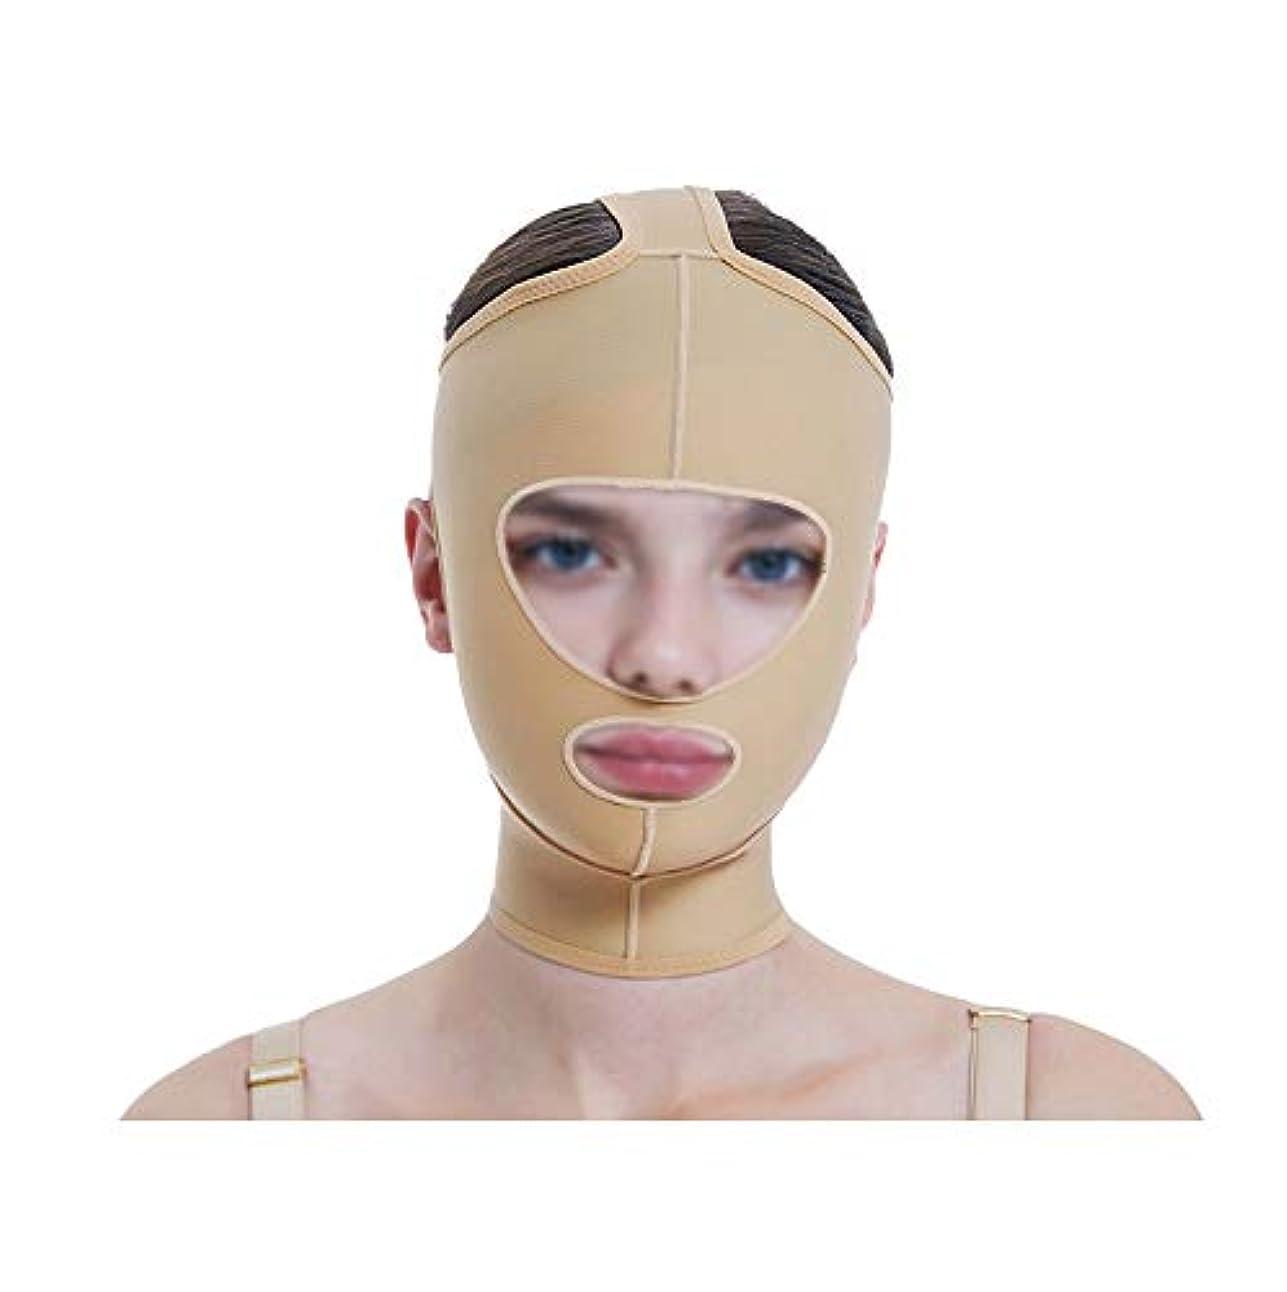 後悔祭司ごちそうGLJJQMY 顔と首のリフト痩身マスクの顔の彫刻の顔の弾性スーツ薄い二重あごのアーティファクトV顔のビーム表面 顔用整形マスク (Size : XS)